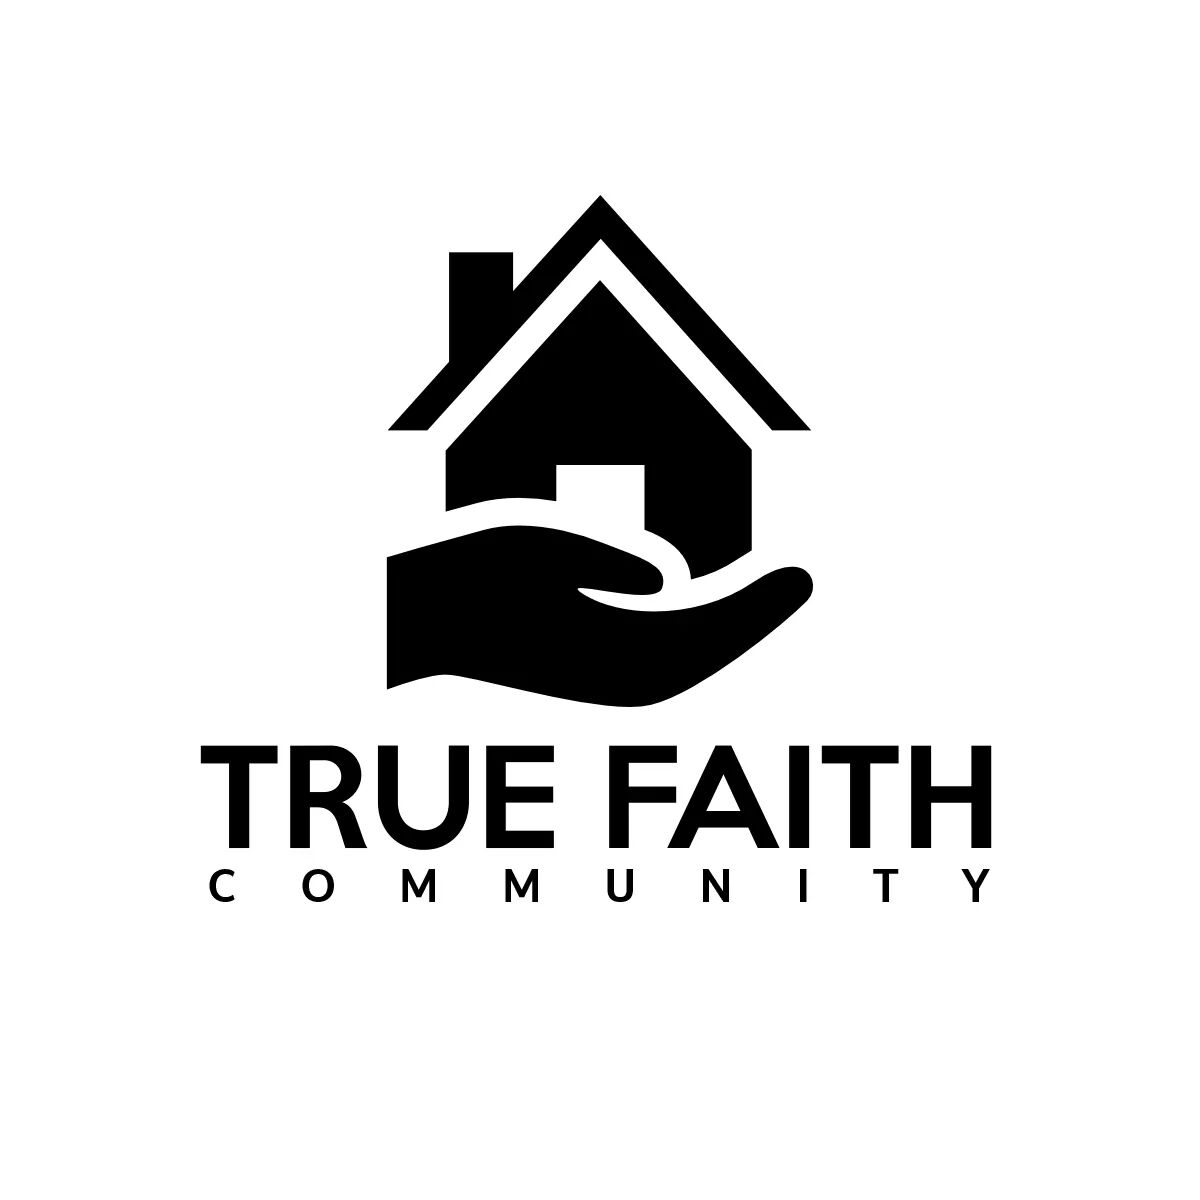 truefaithcommunity